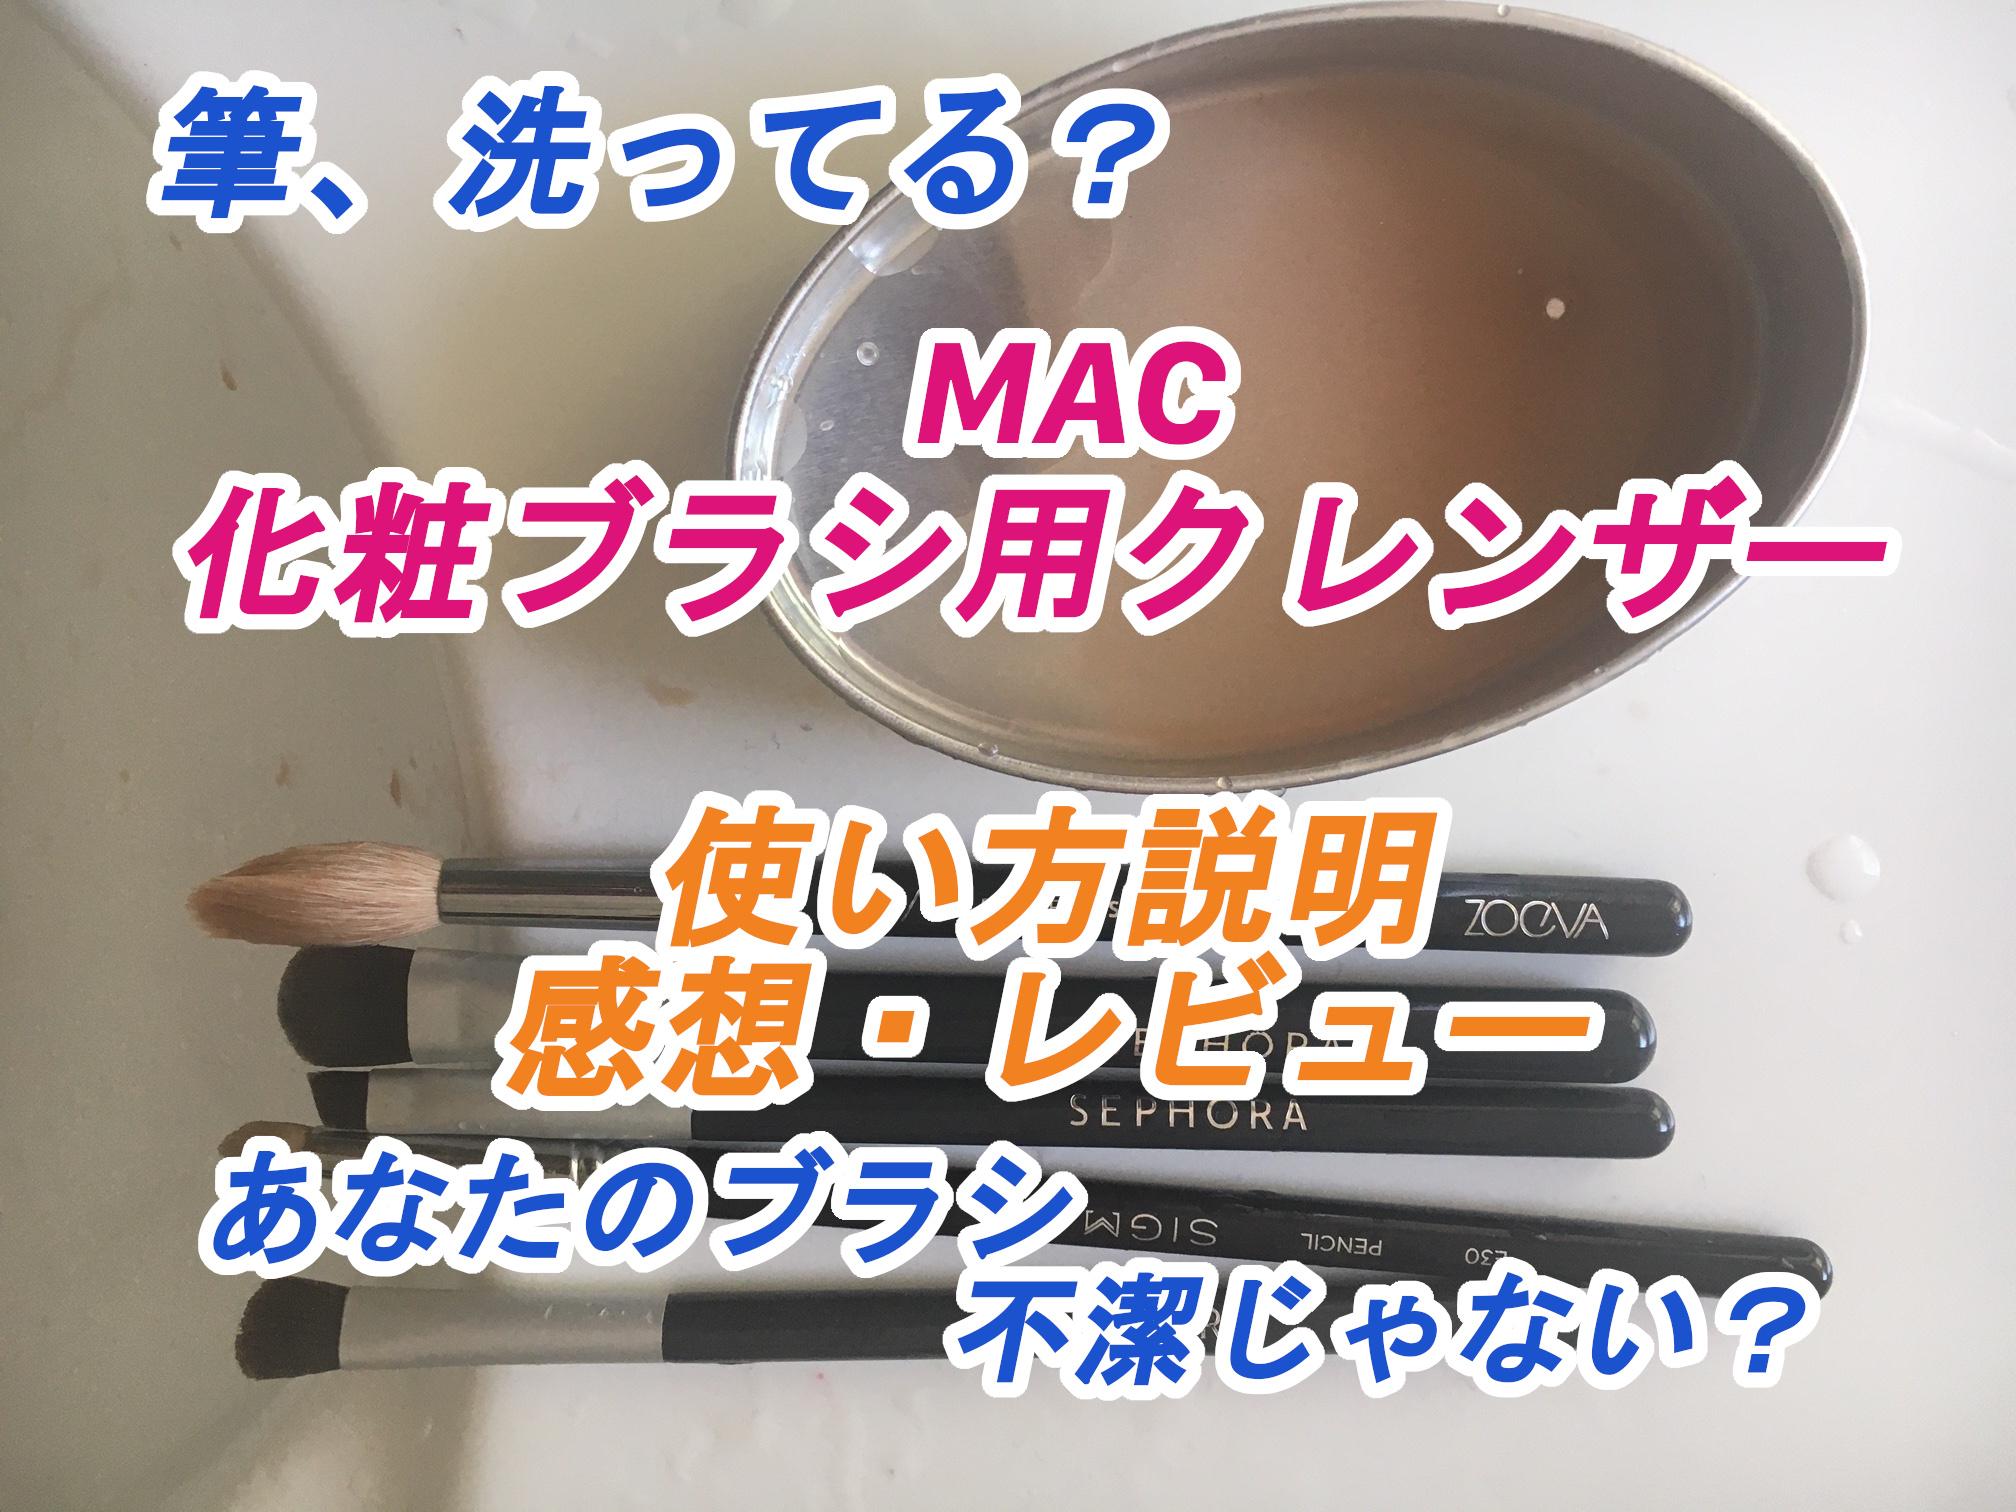 MACのブラシクレンザー紹介!